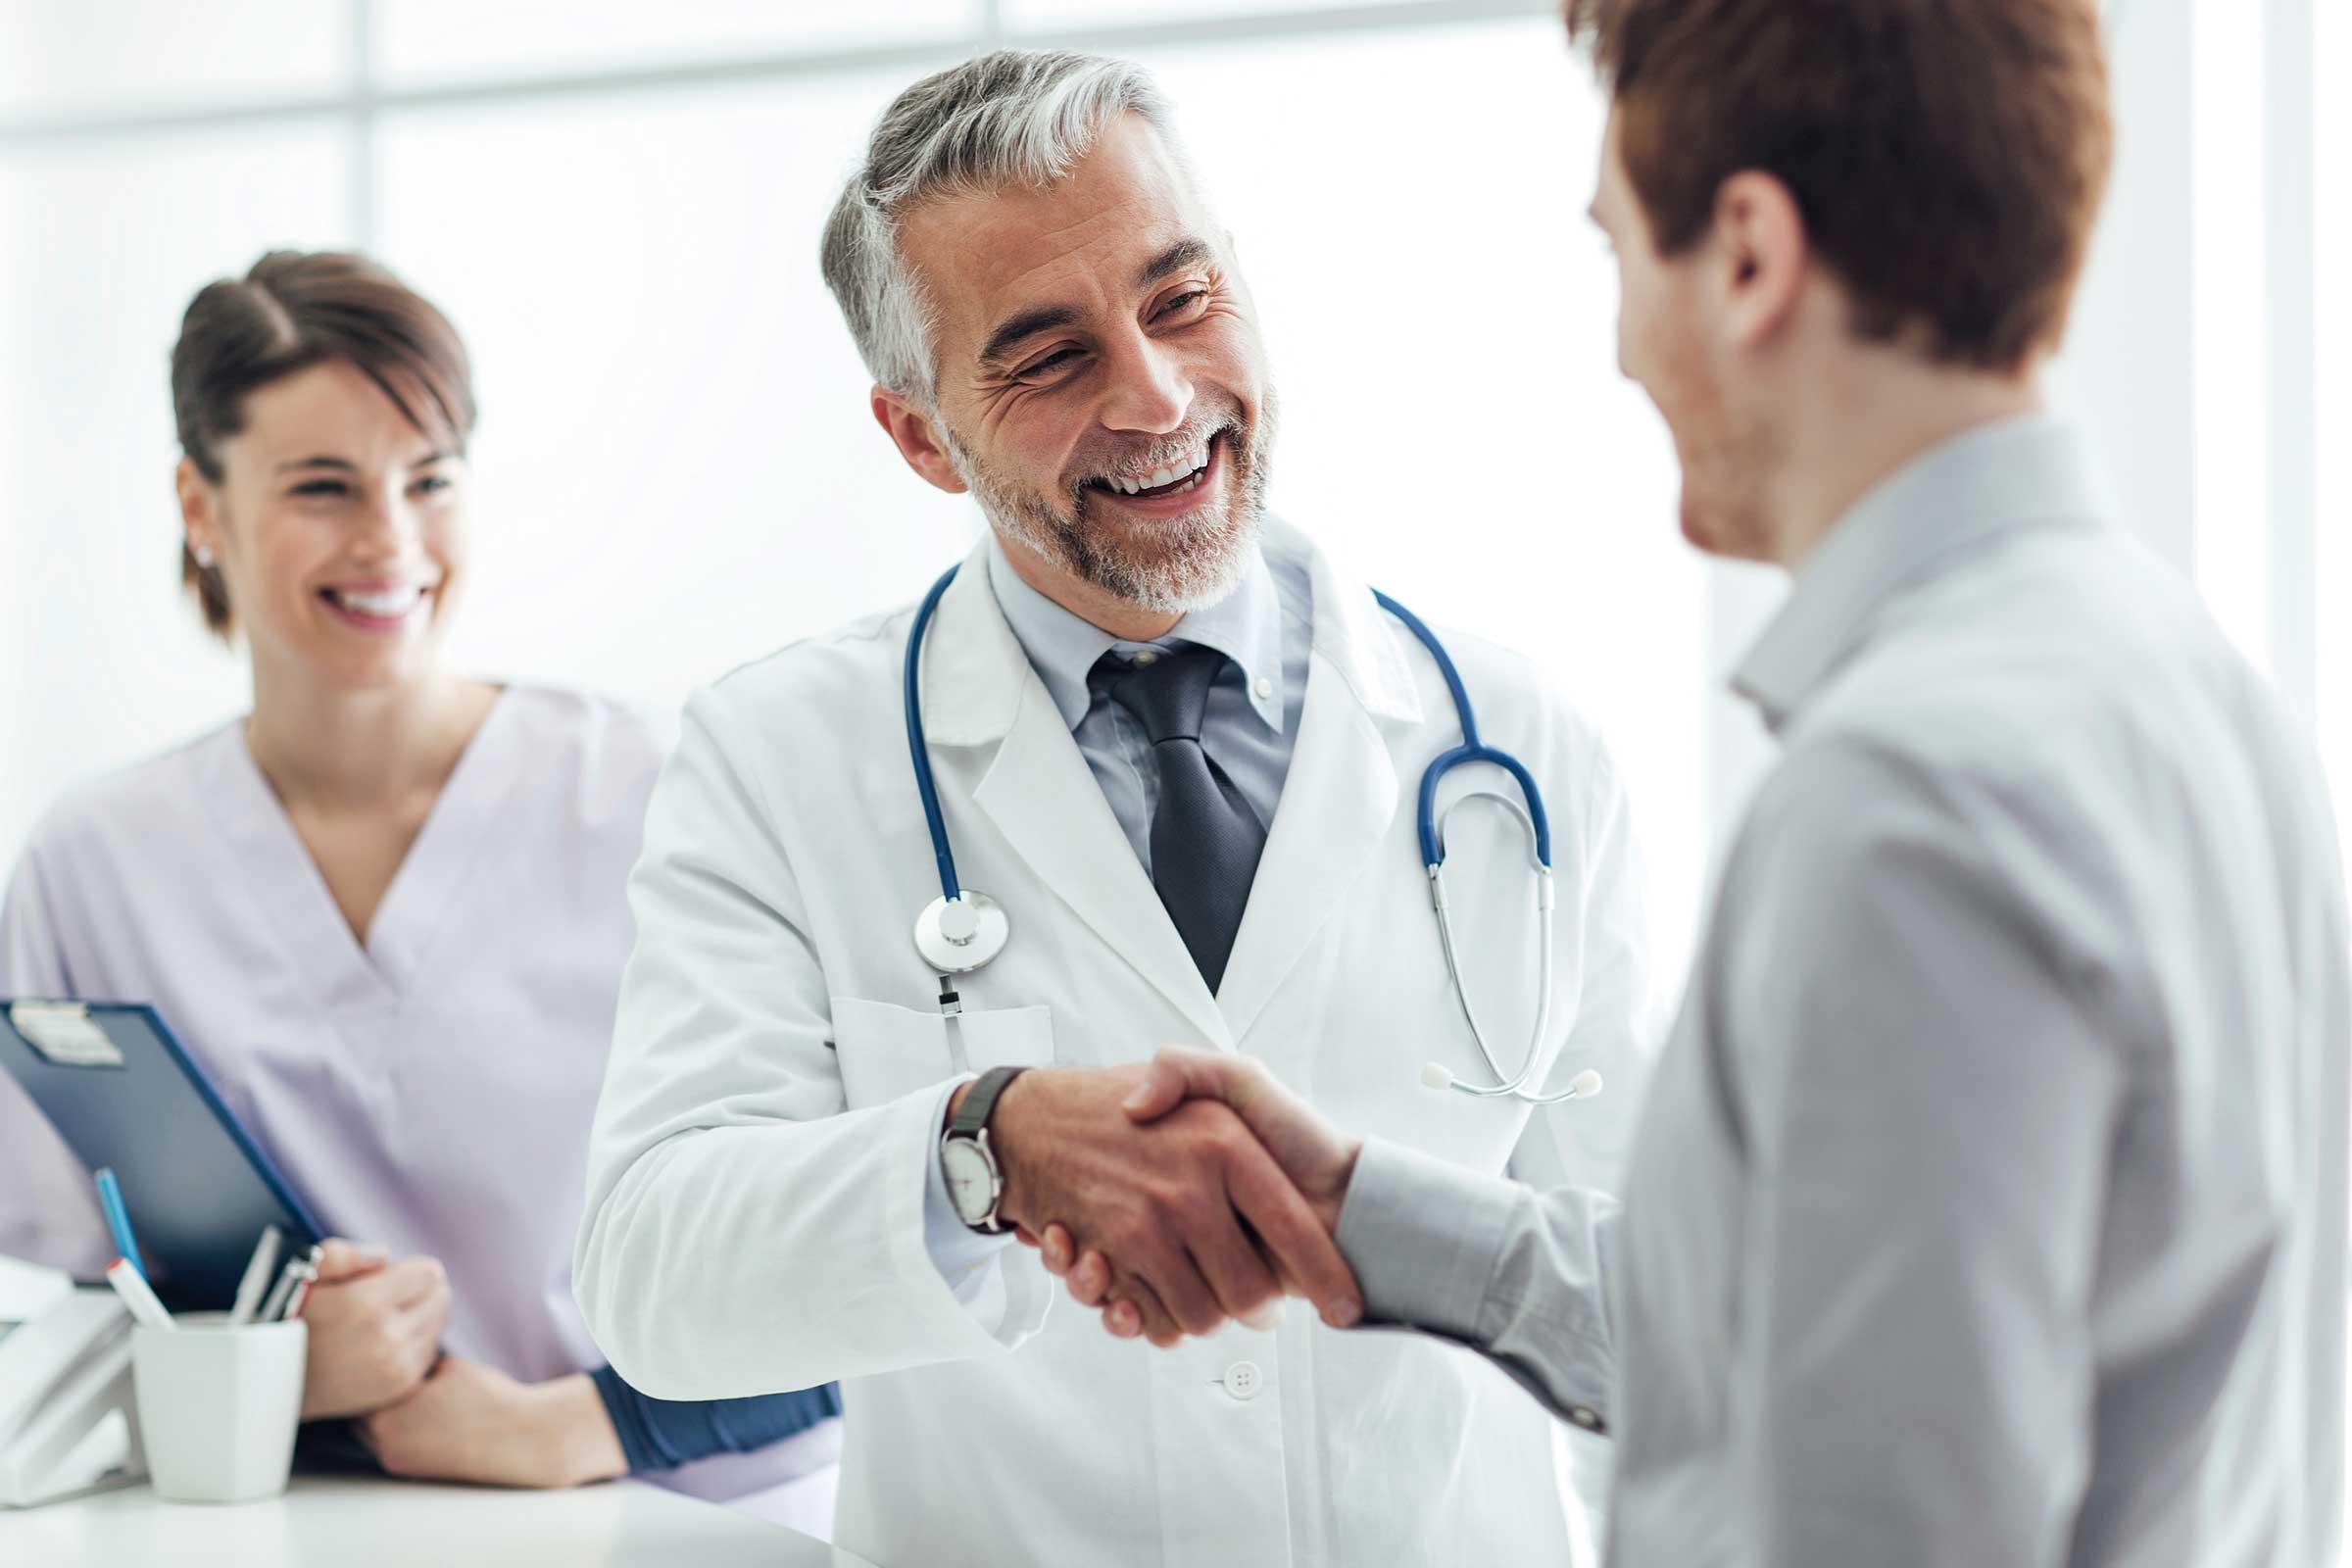 psychiatrist consulting patient